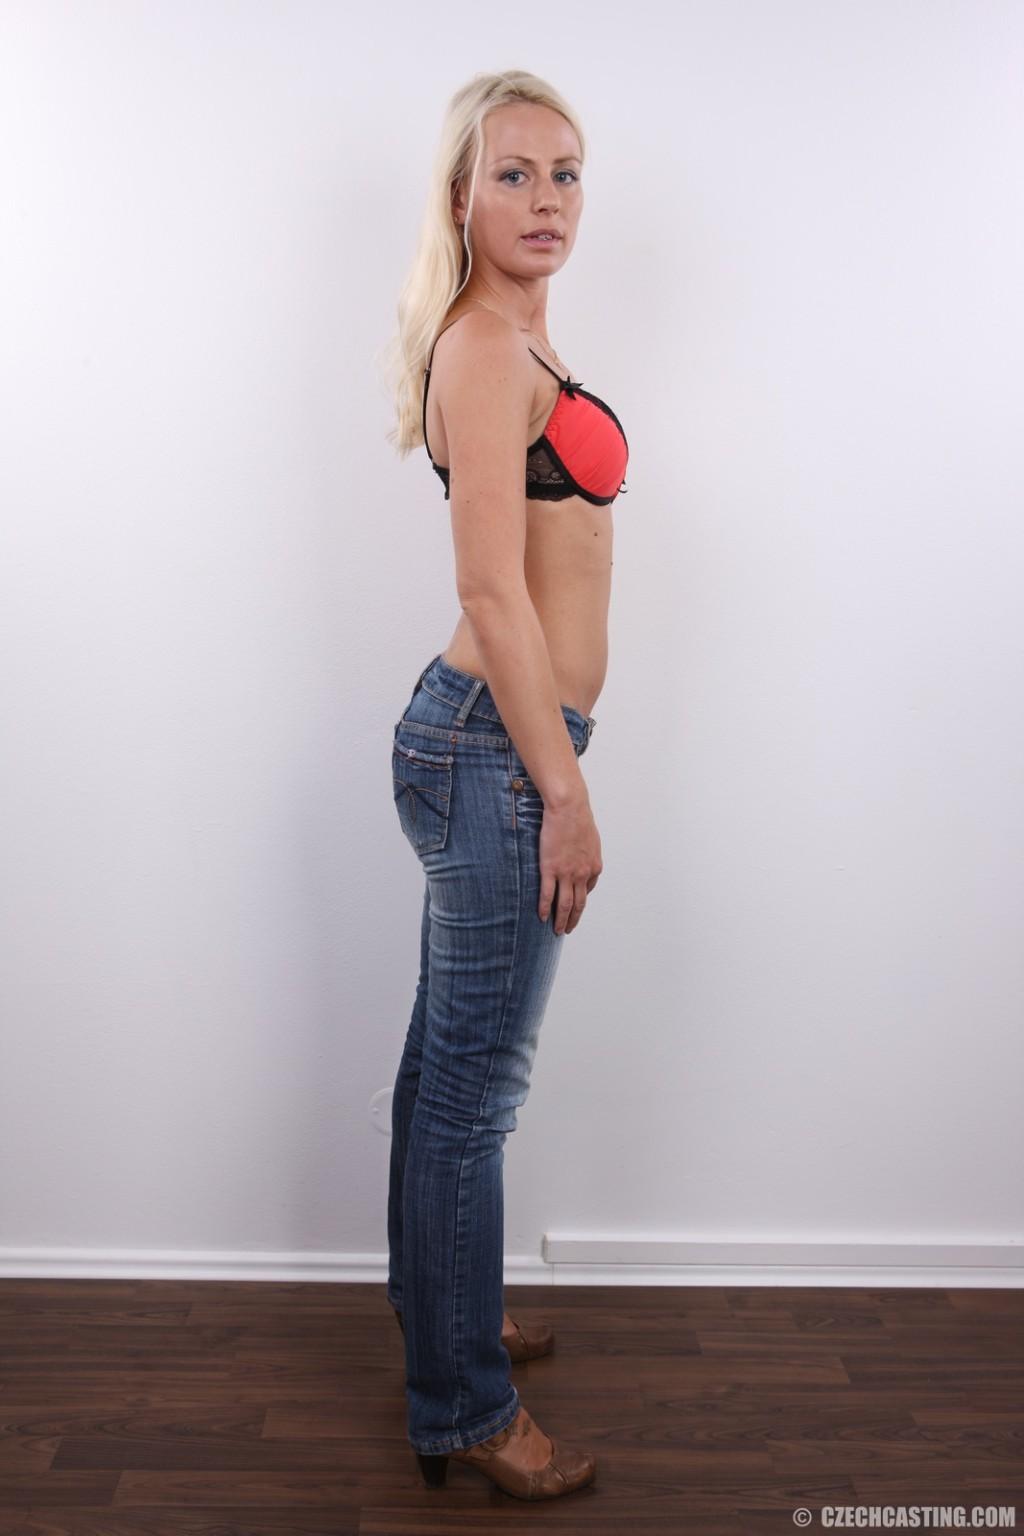 Сочные женщины - Галерея № 3527735